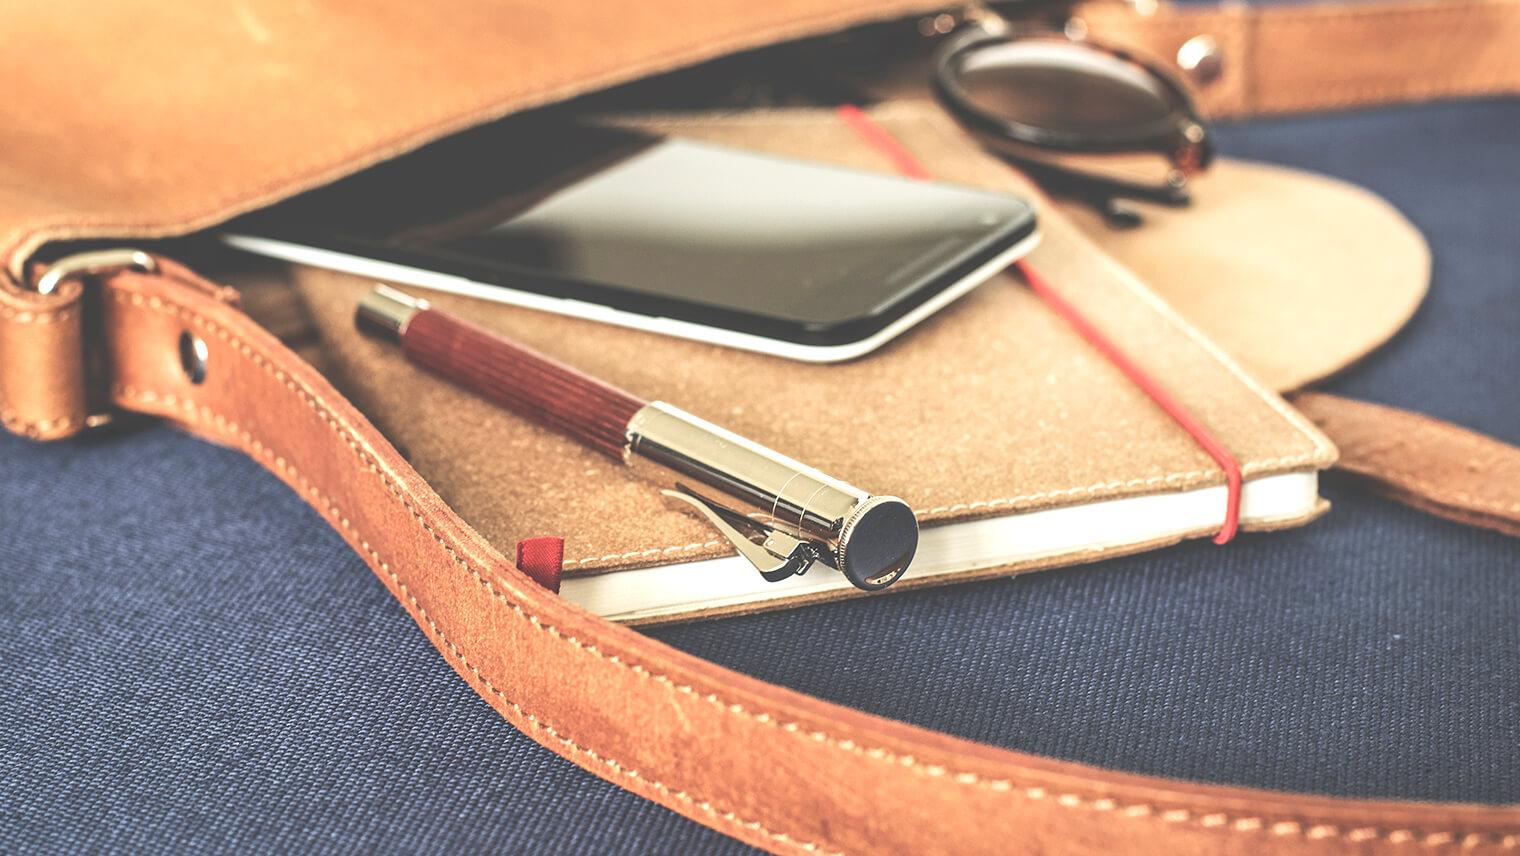 革の鞄の中からペンやiPhone、ノートが飛び出ている画像